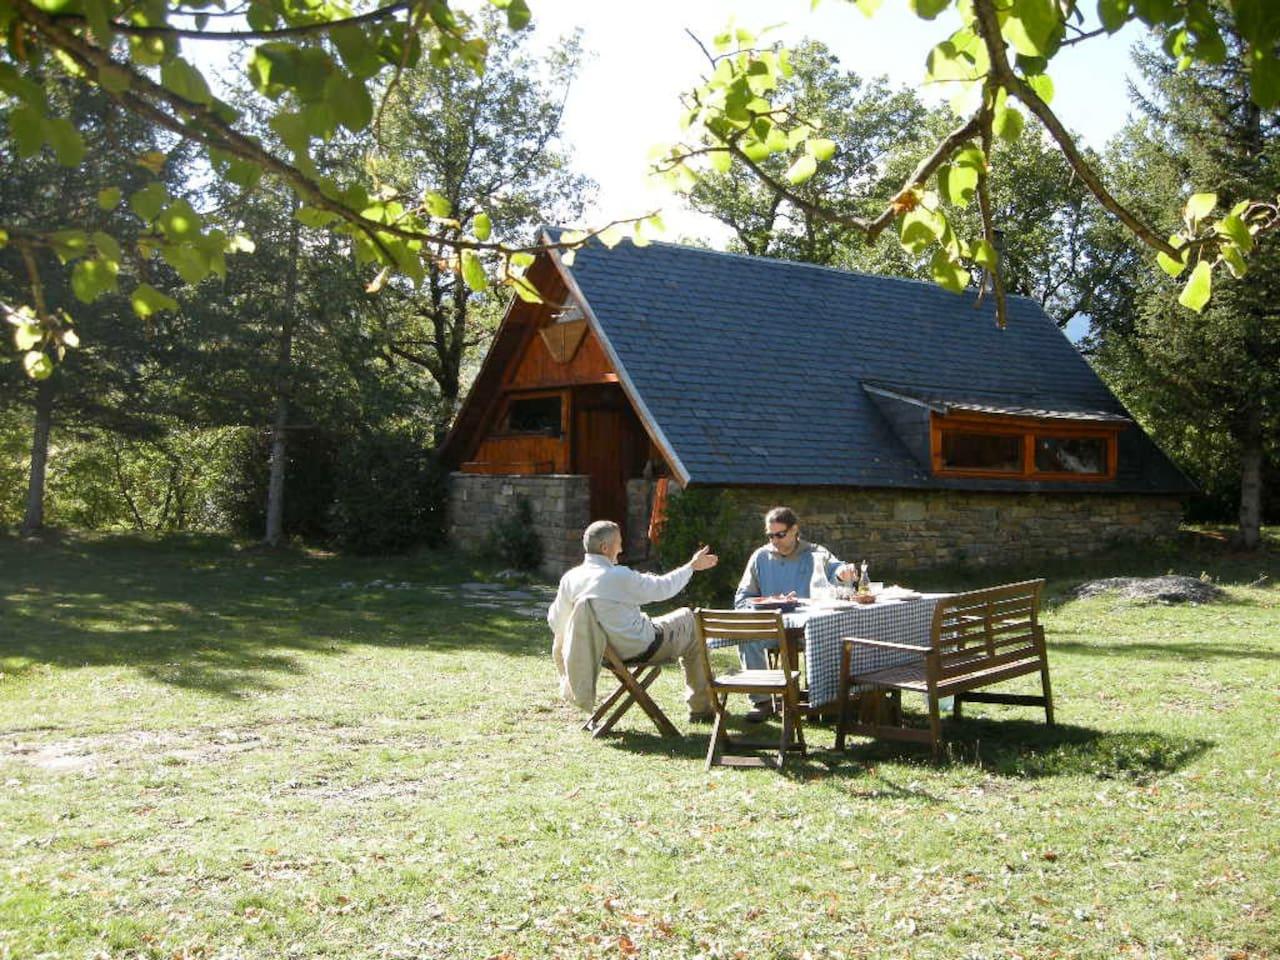 La Cabana está ubicada en un precioso prado, que dispone de mesa, sillas y banco para realizar desayunos, comidas, etc en los días soleados.